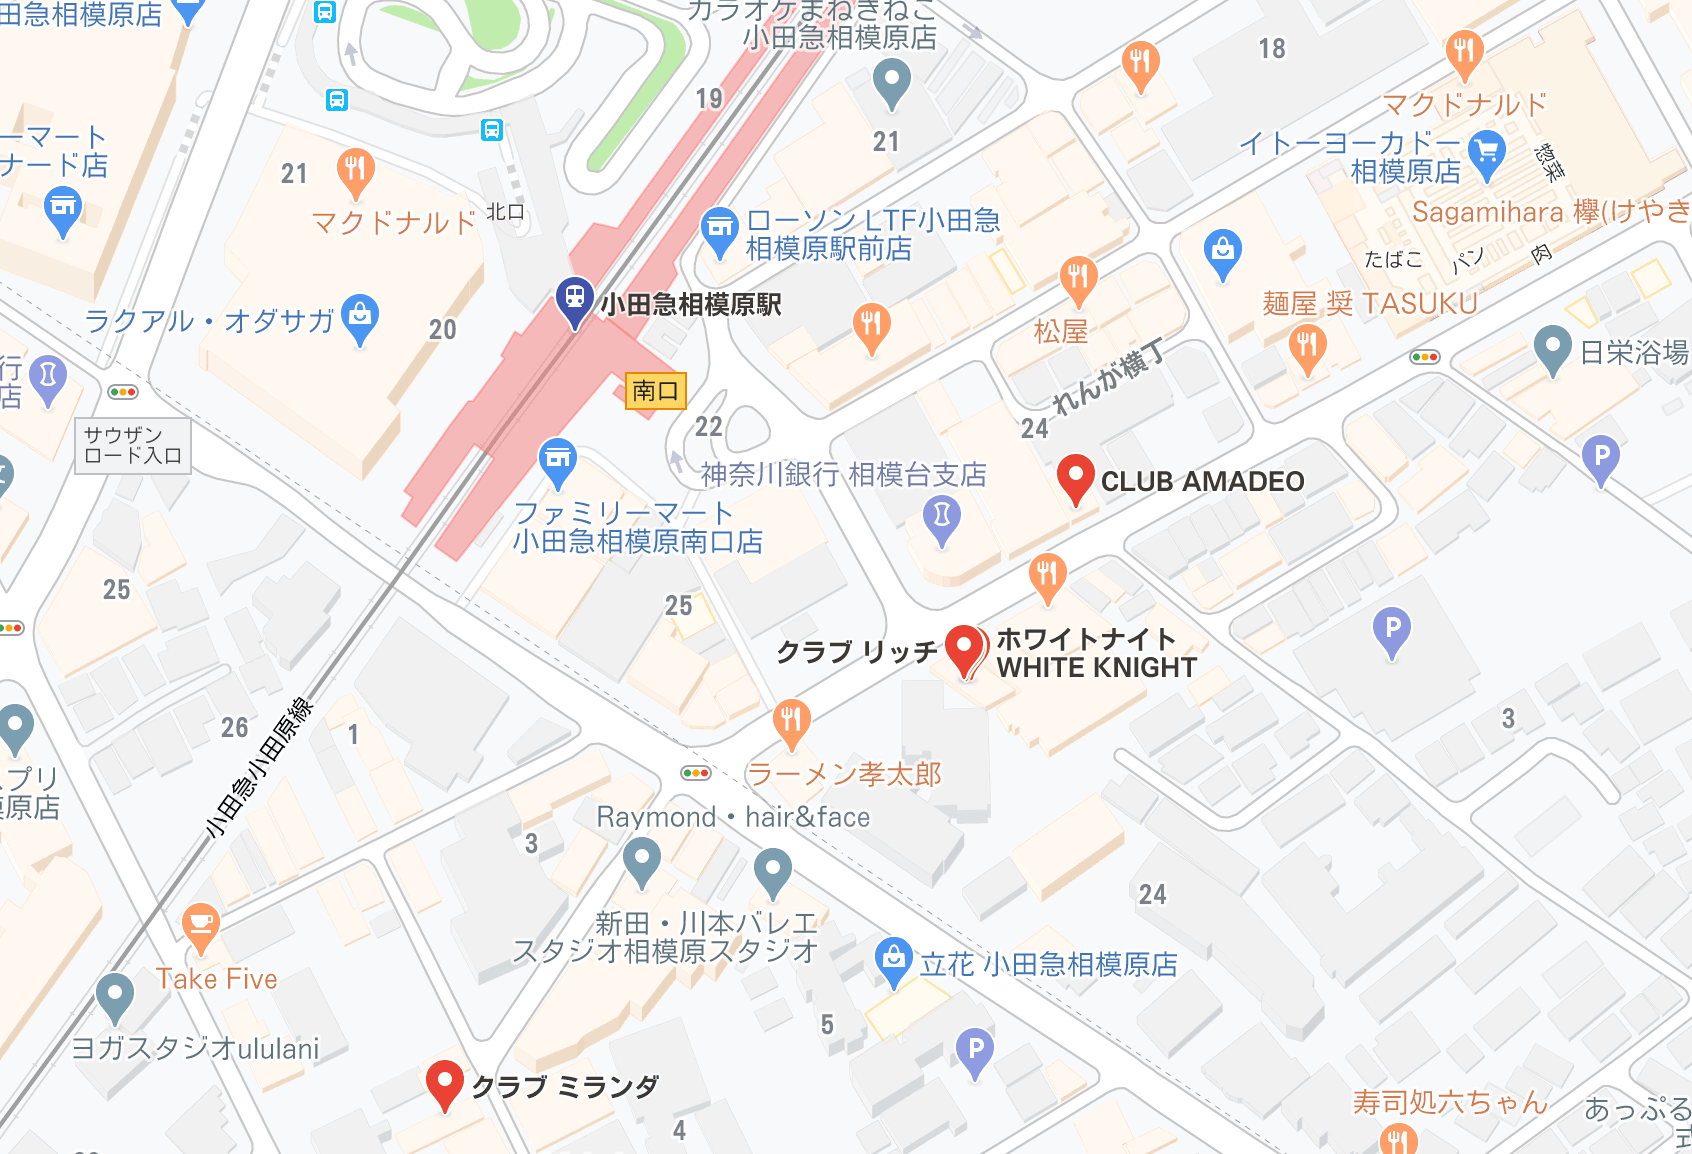 小田急相模原駅 キャバクラ